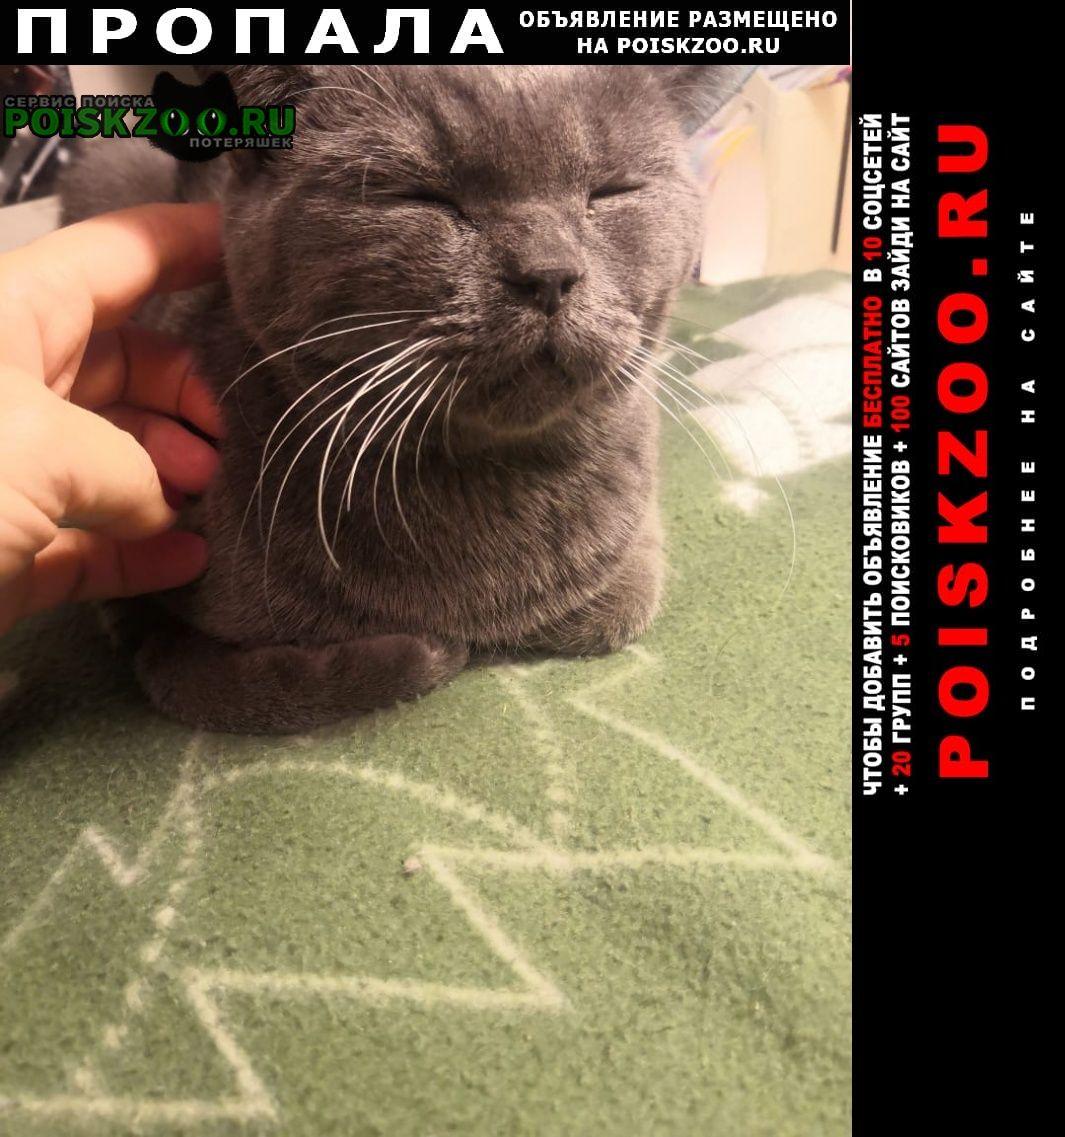 Пропал кот серый британский Уфа